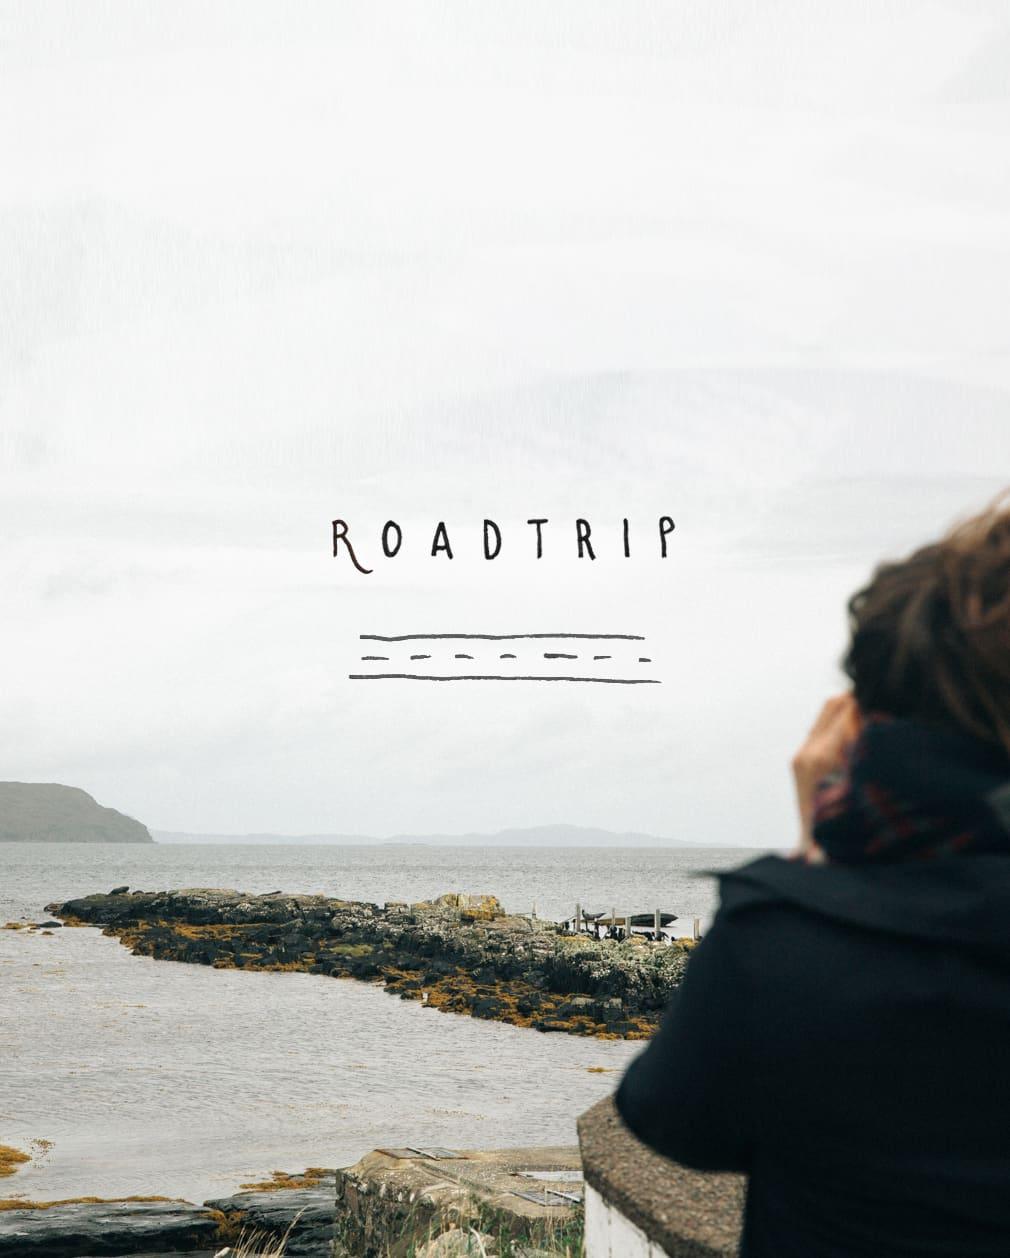 Kinlake-Roadtrip-Image-01